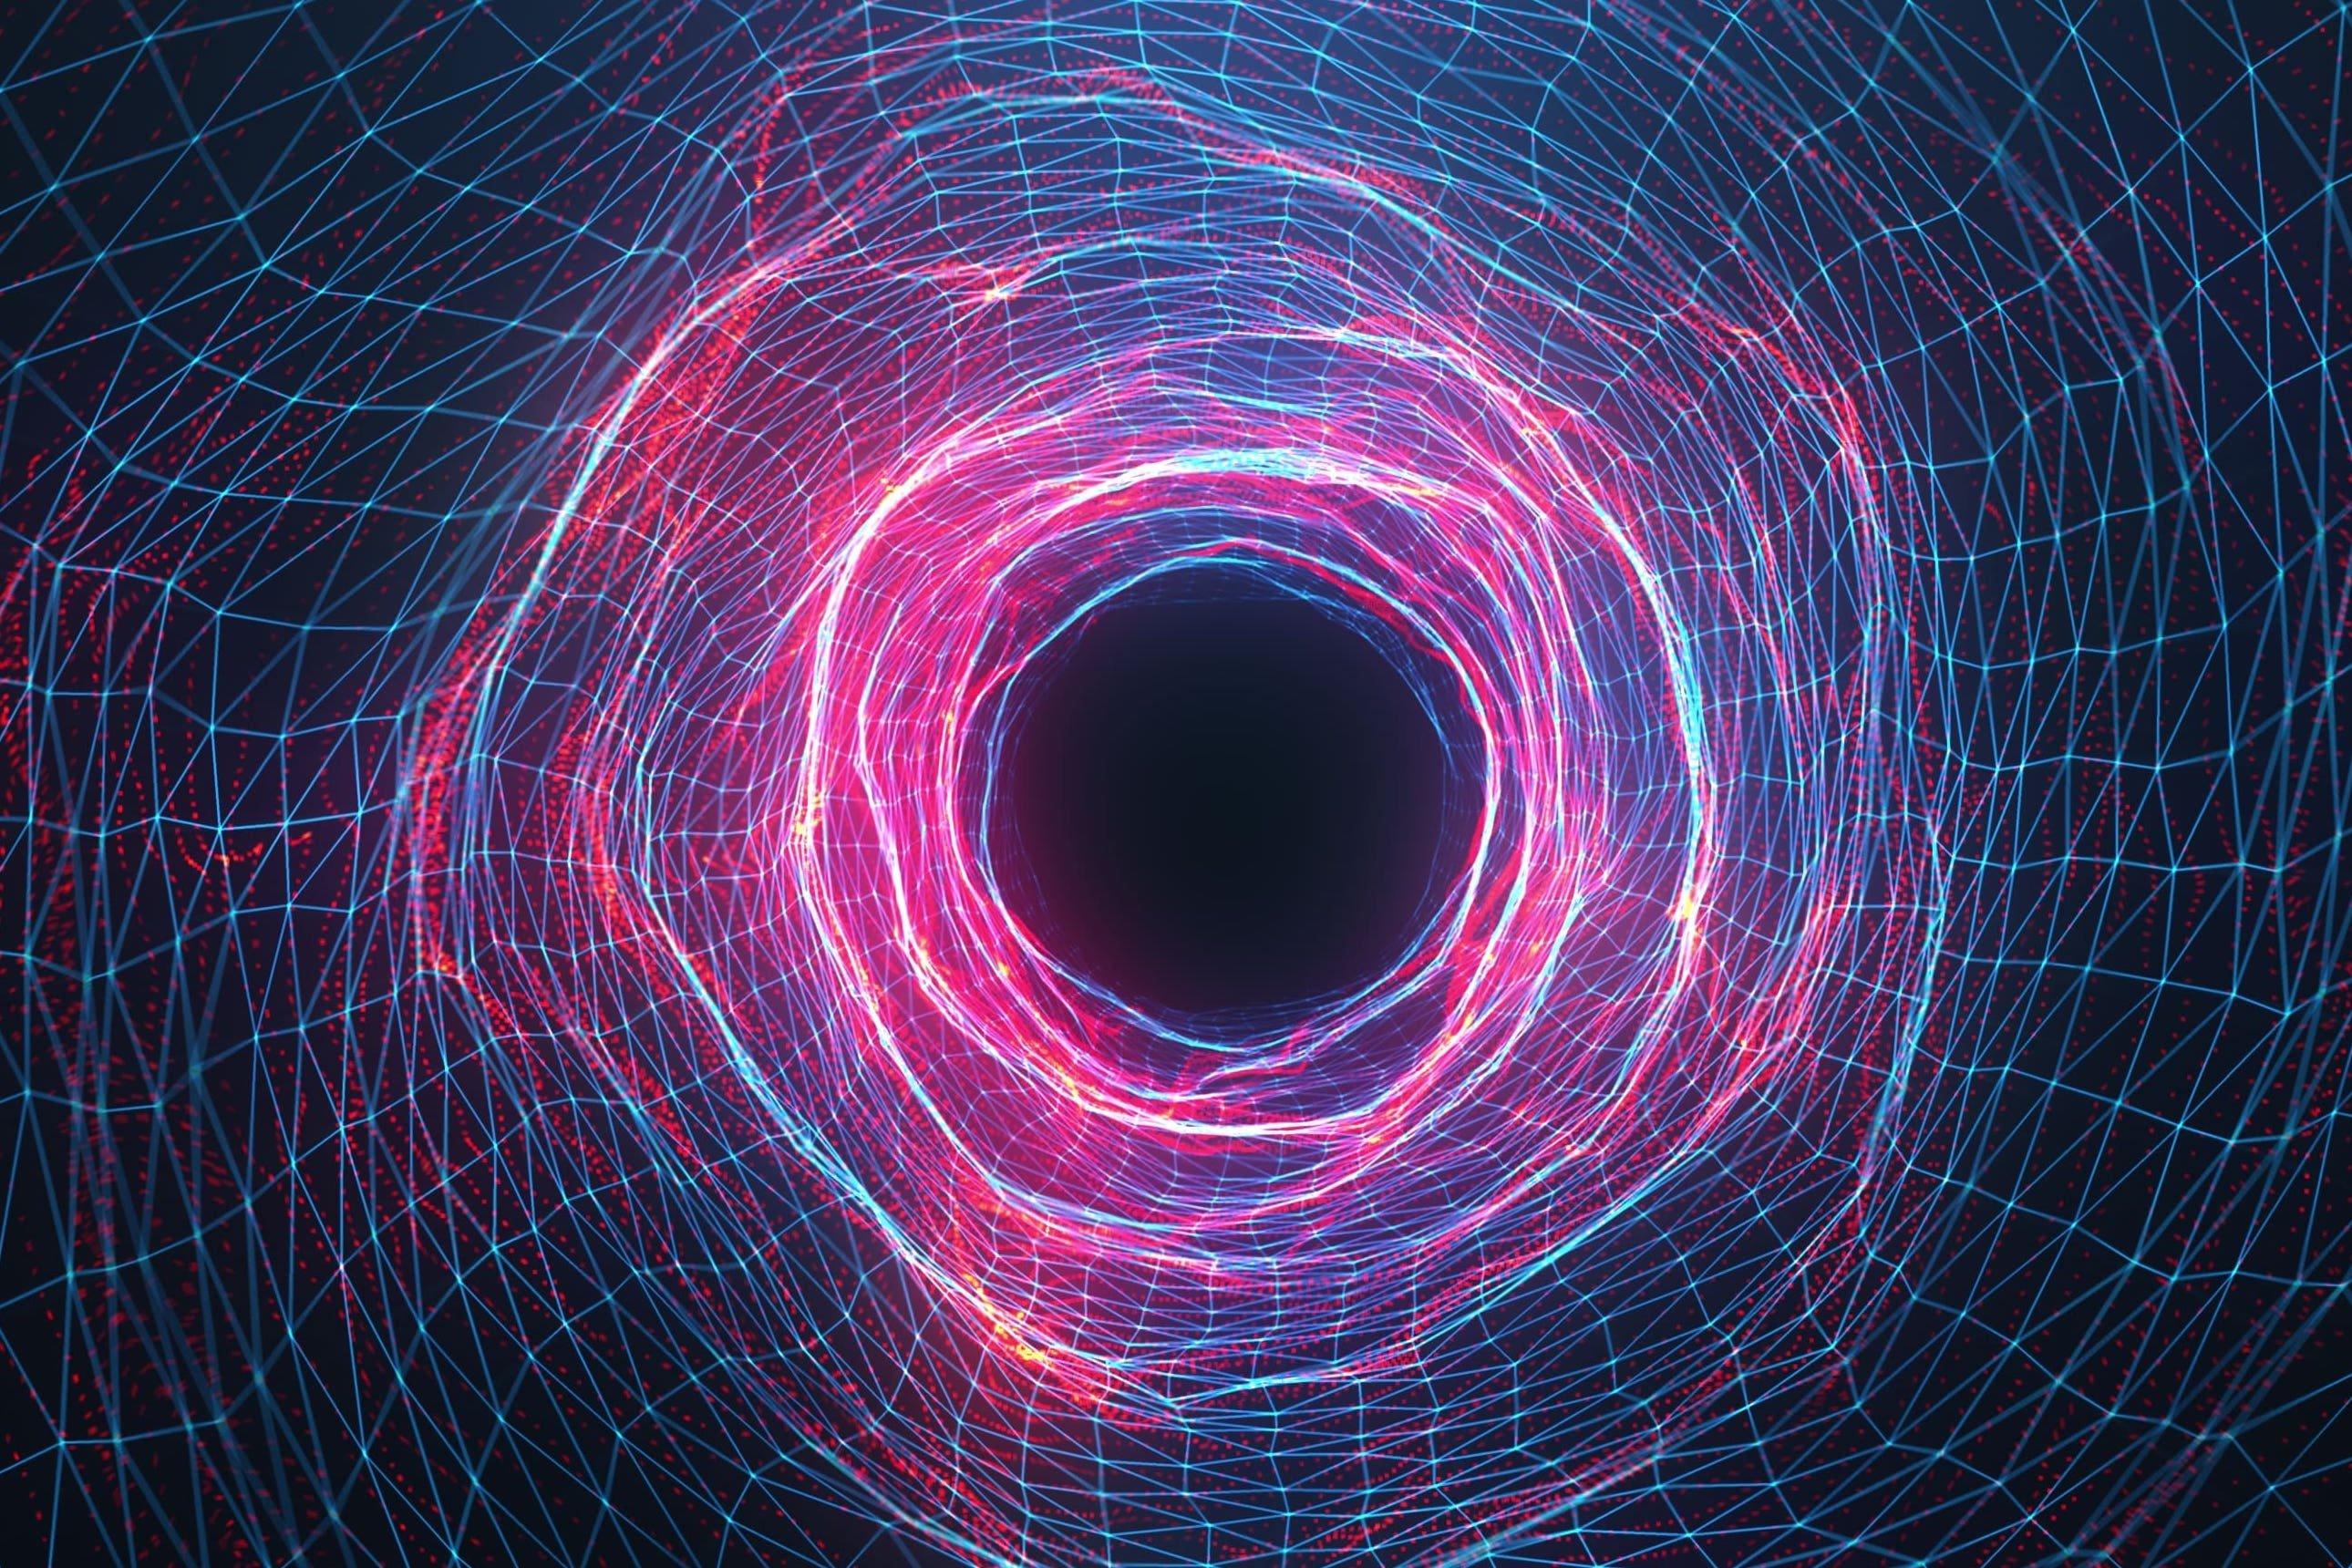 Биометрические технологии в офлайн-ритейле – знакомьтесь с материалами конференции